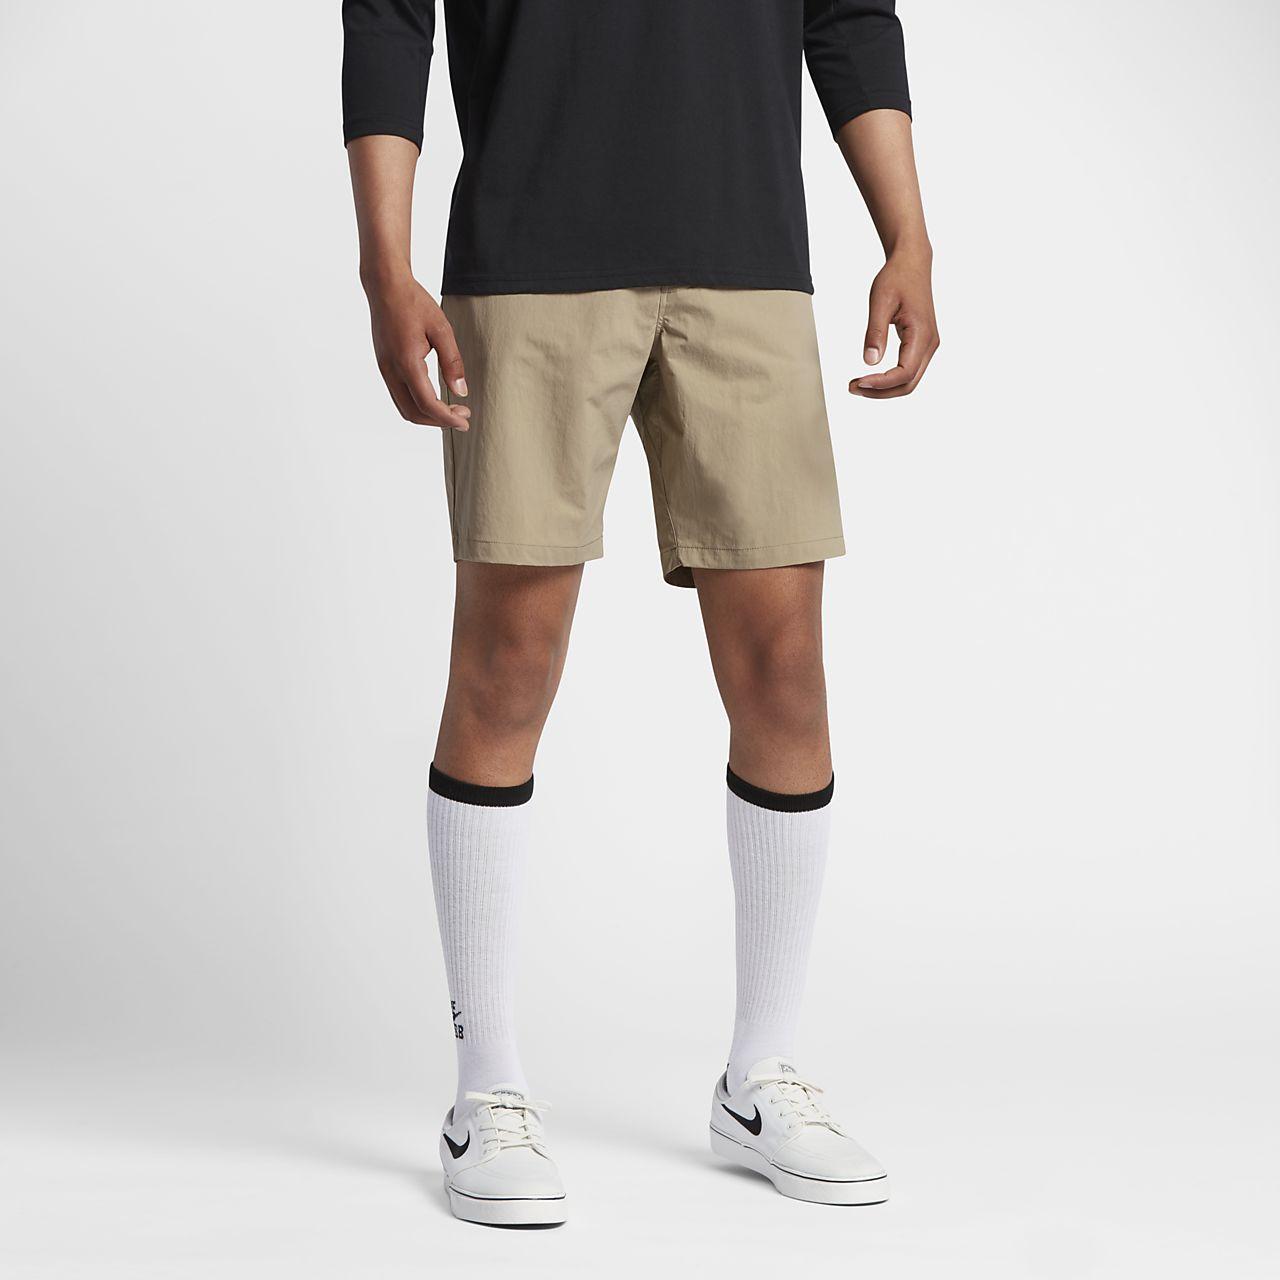 27b2f35b42a5 Nike SB Flex Everett Men s Shorts. Nike.com NZ